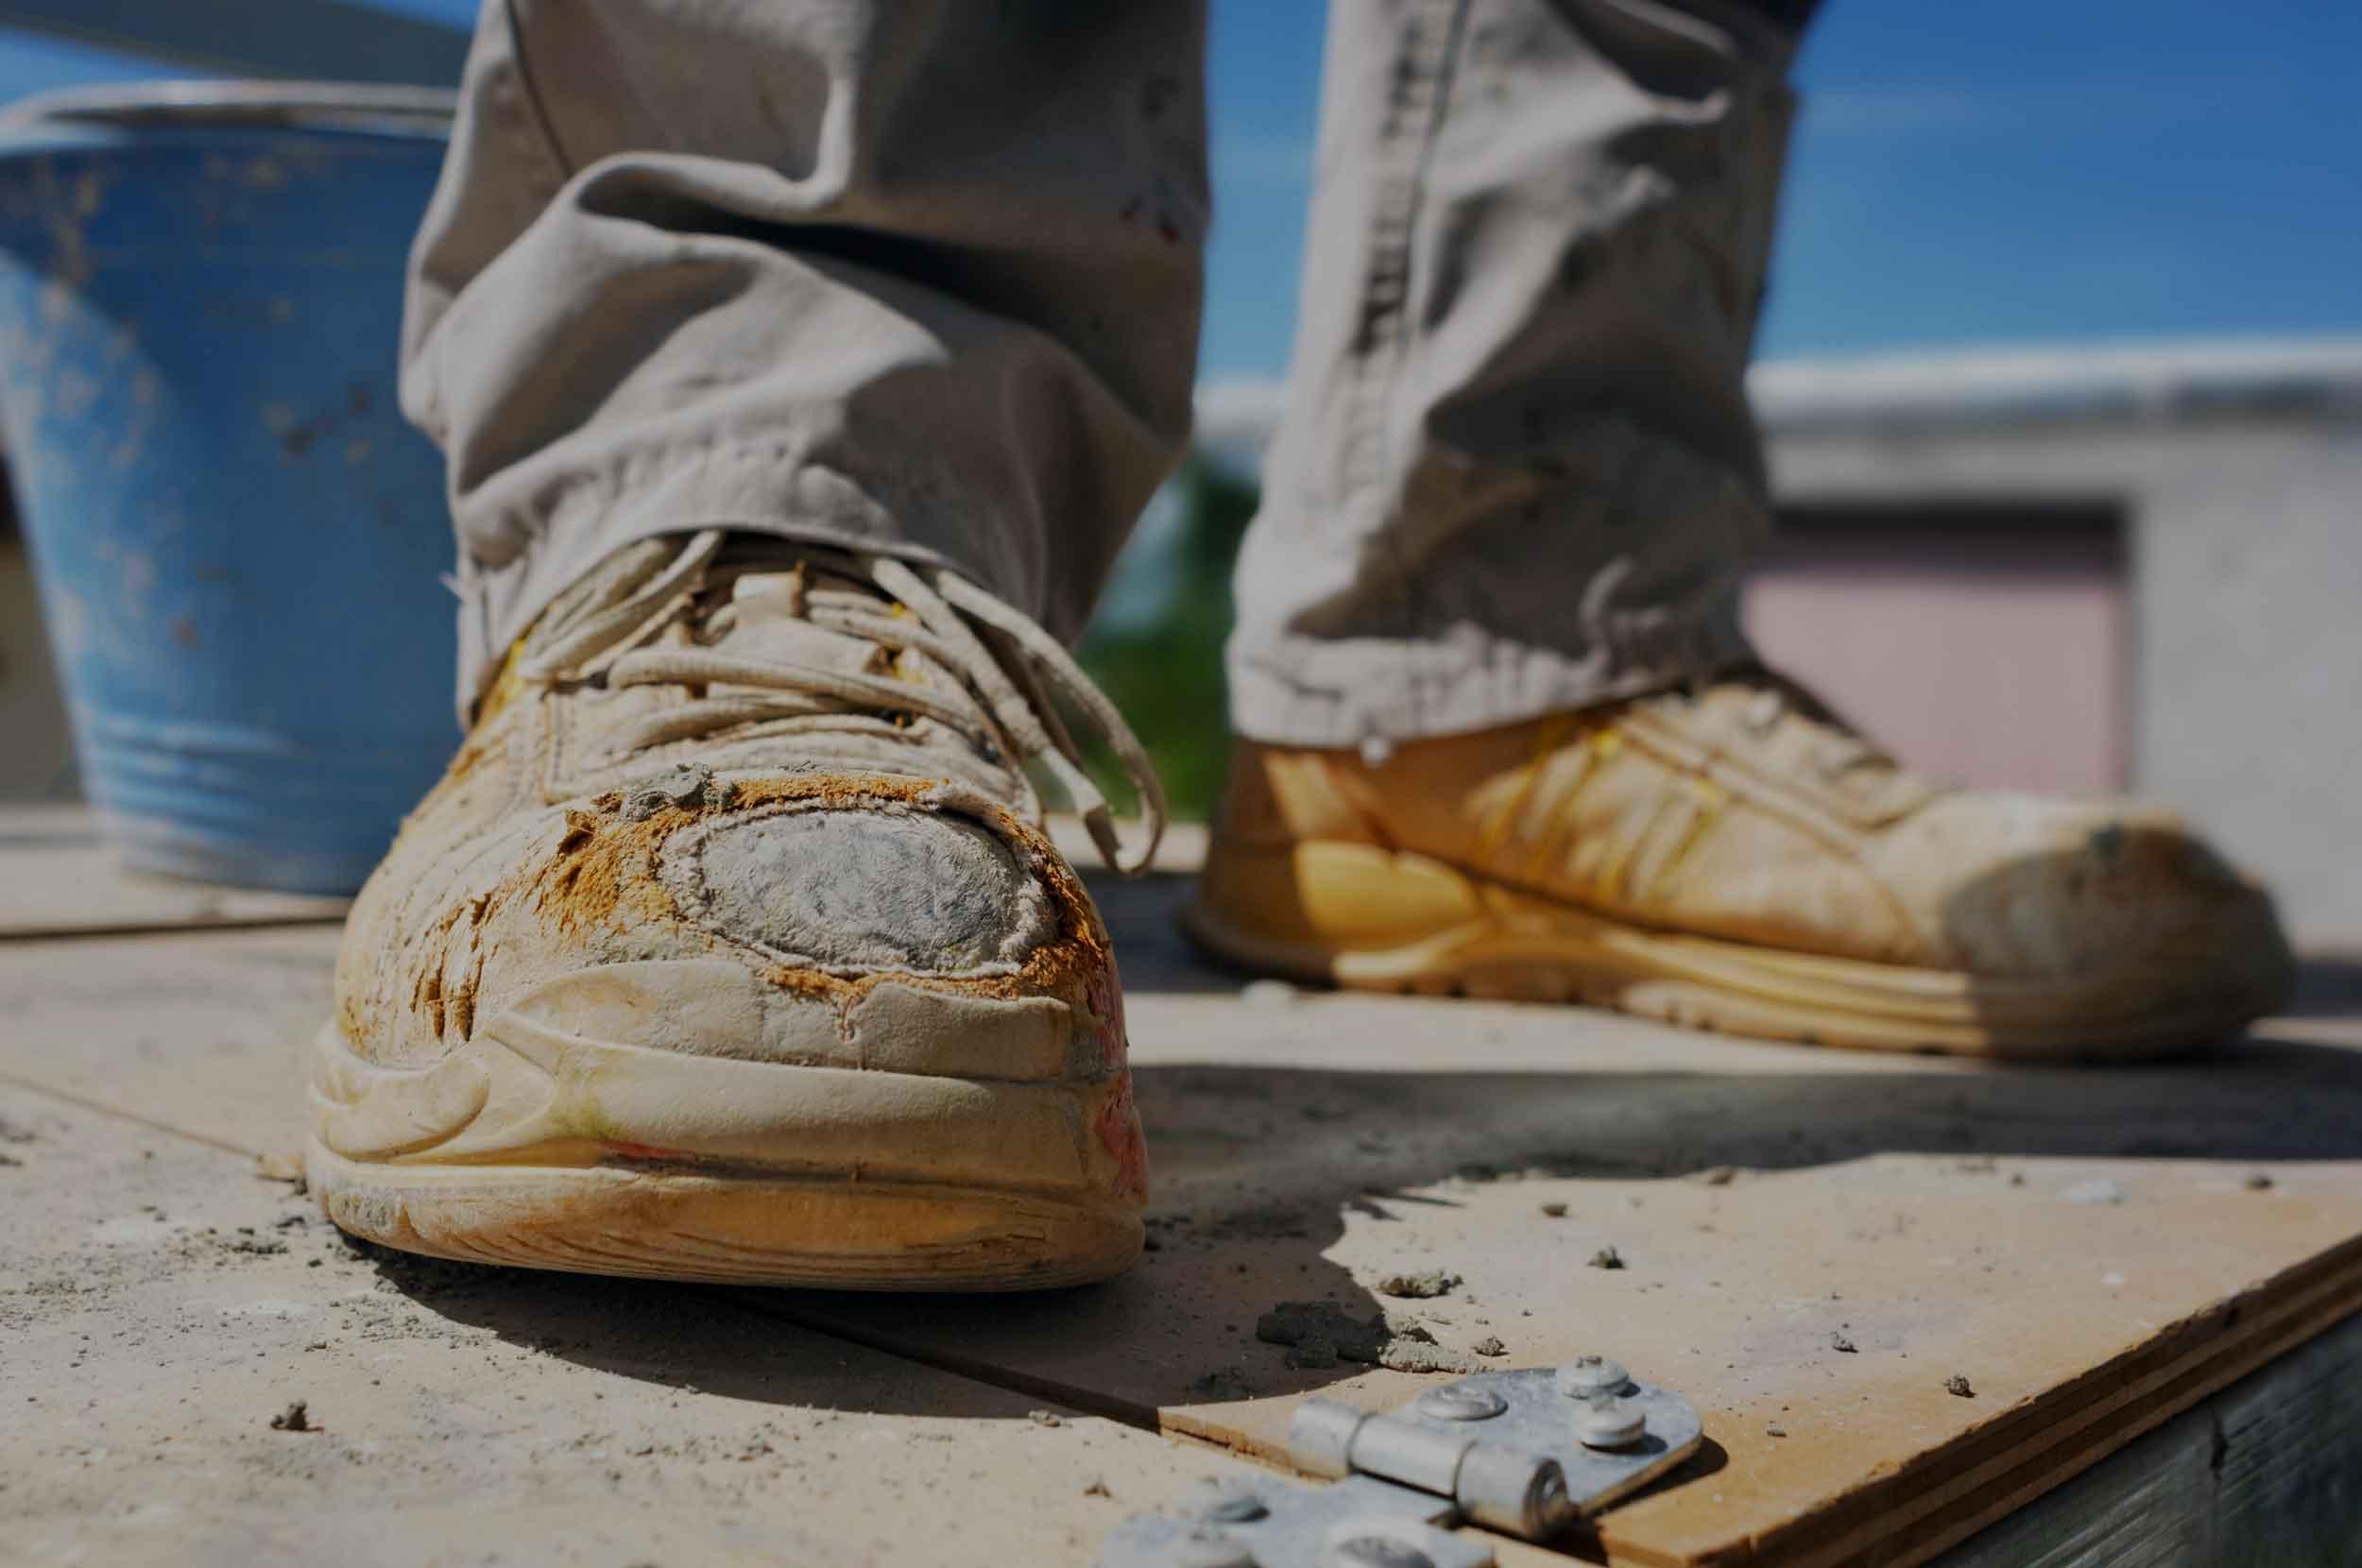 Scarpe antinfortunistiche rovinate